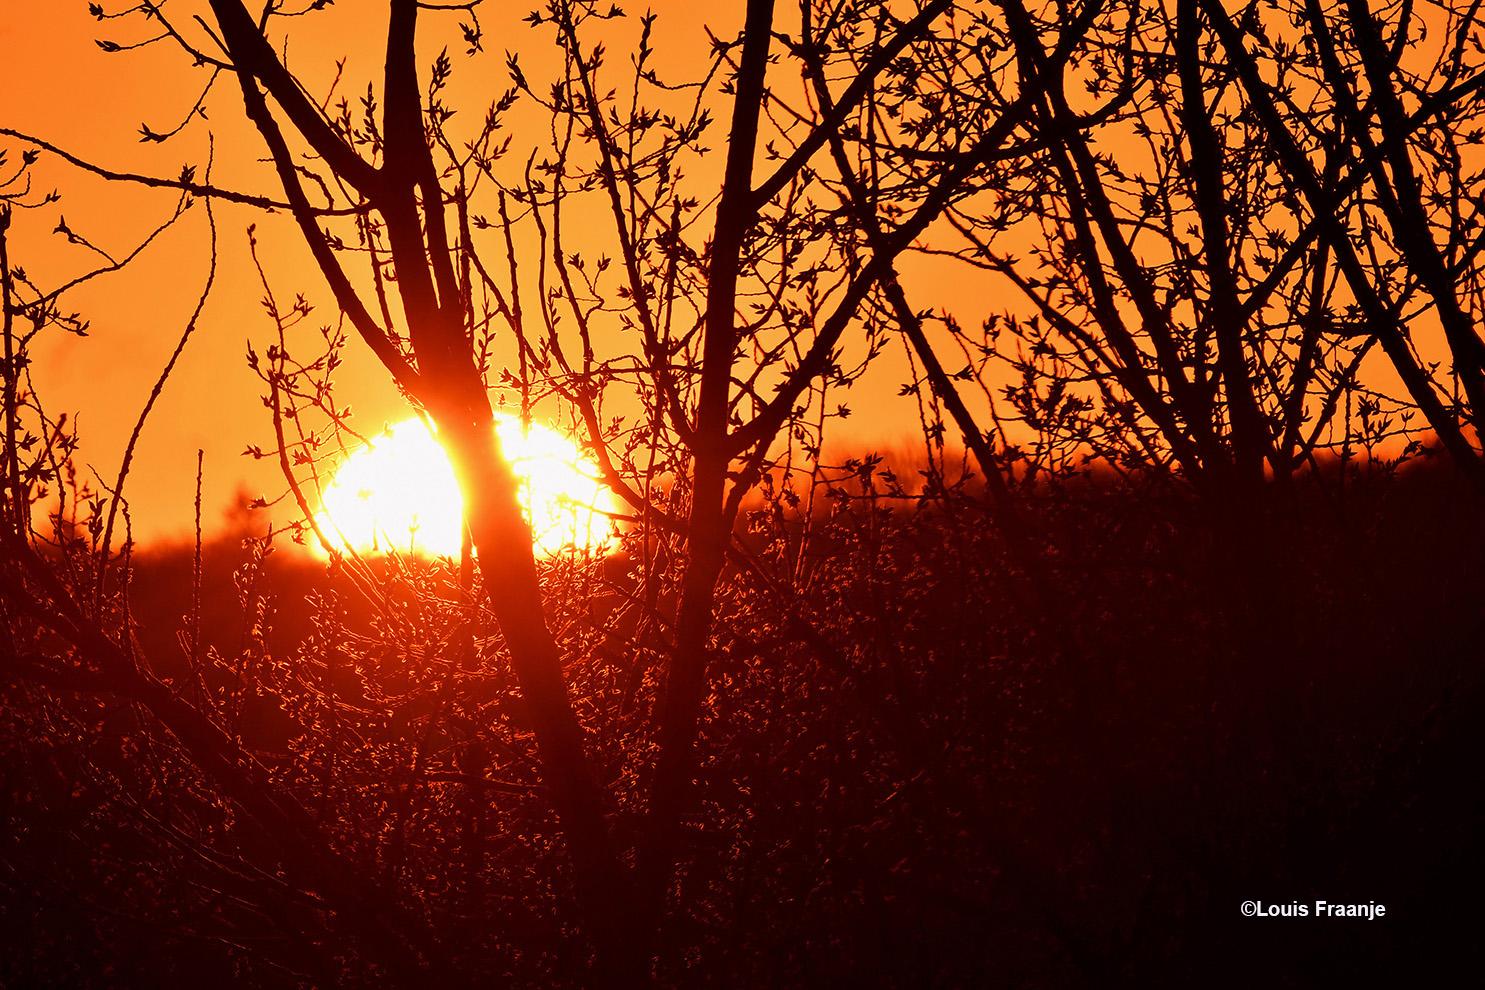 De morgenzon haar warme stralen tussen de 'bottende' takken van de bomen doorschijnen.- Foto: ©Louis Fraanje